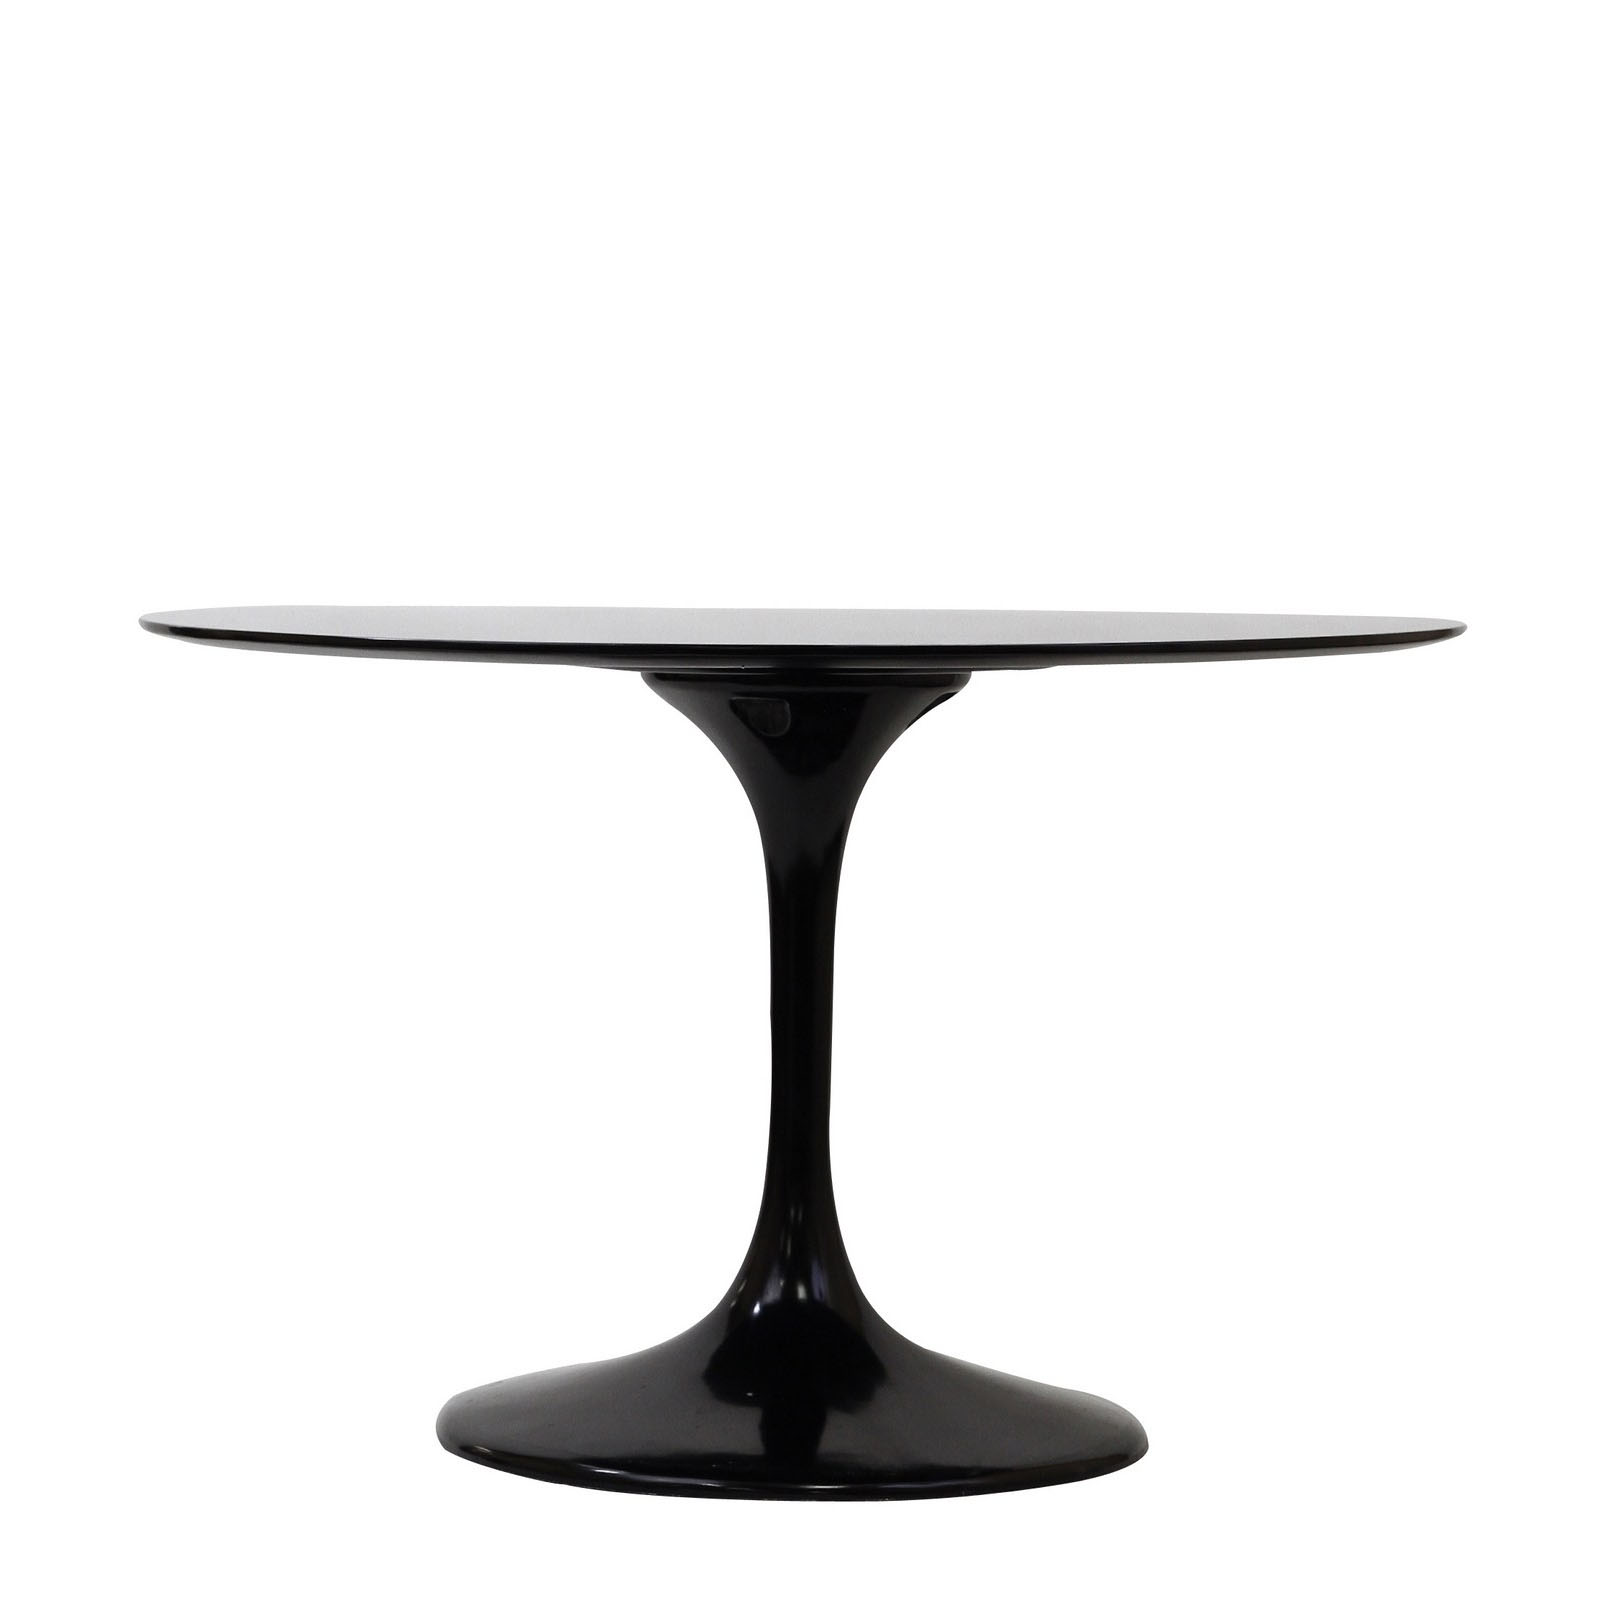 Saarinen Style Tulip Dining Table (Black)